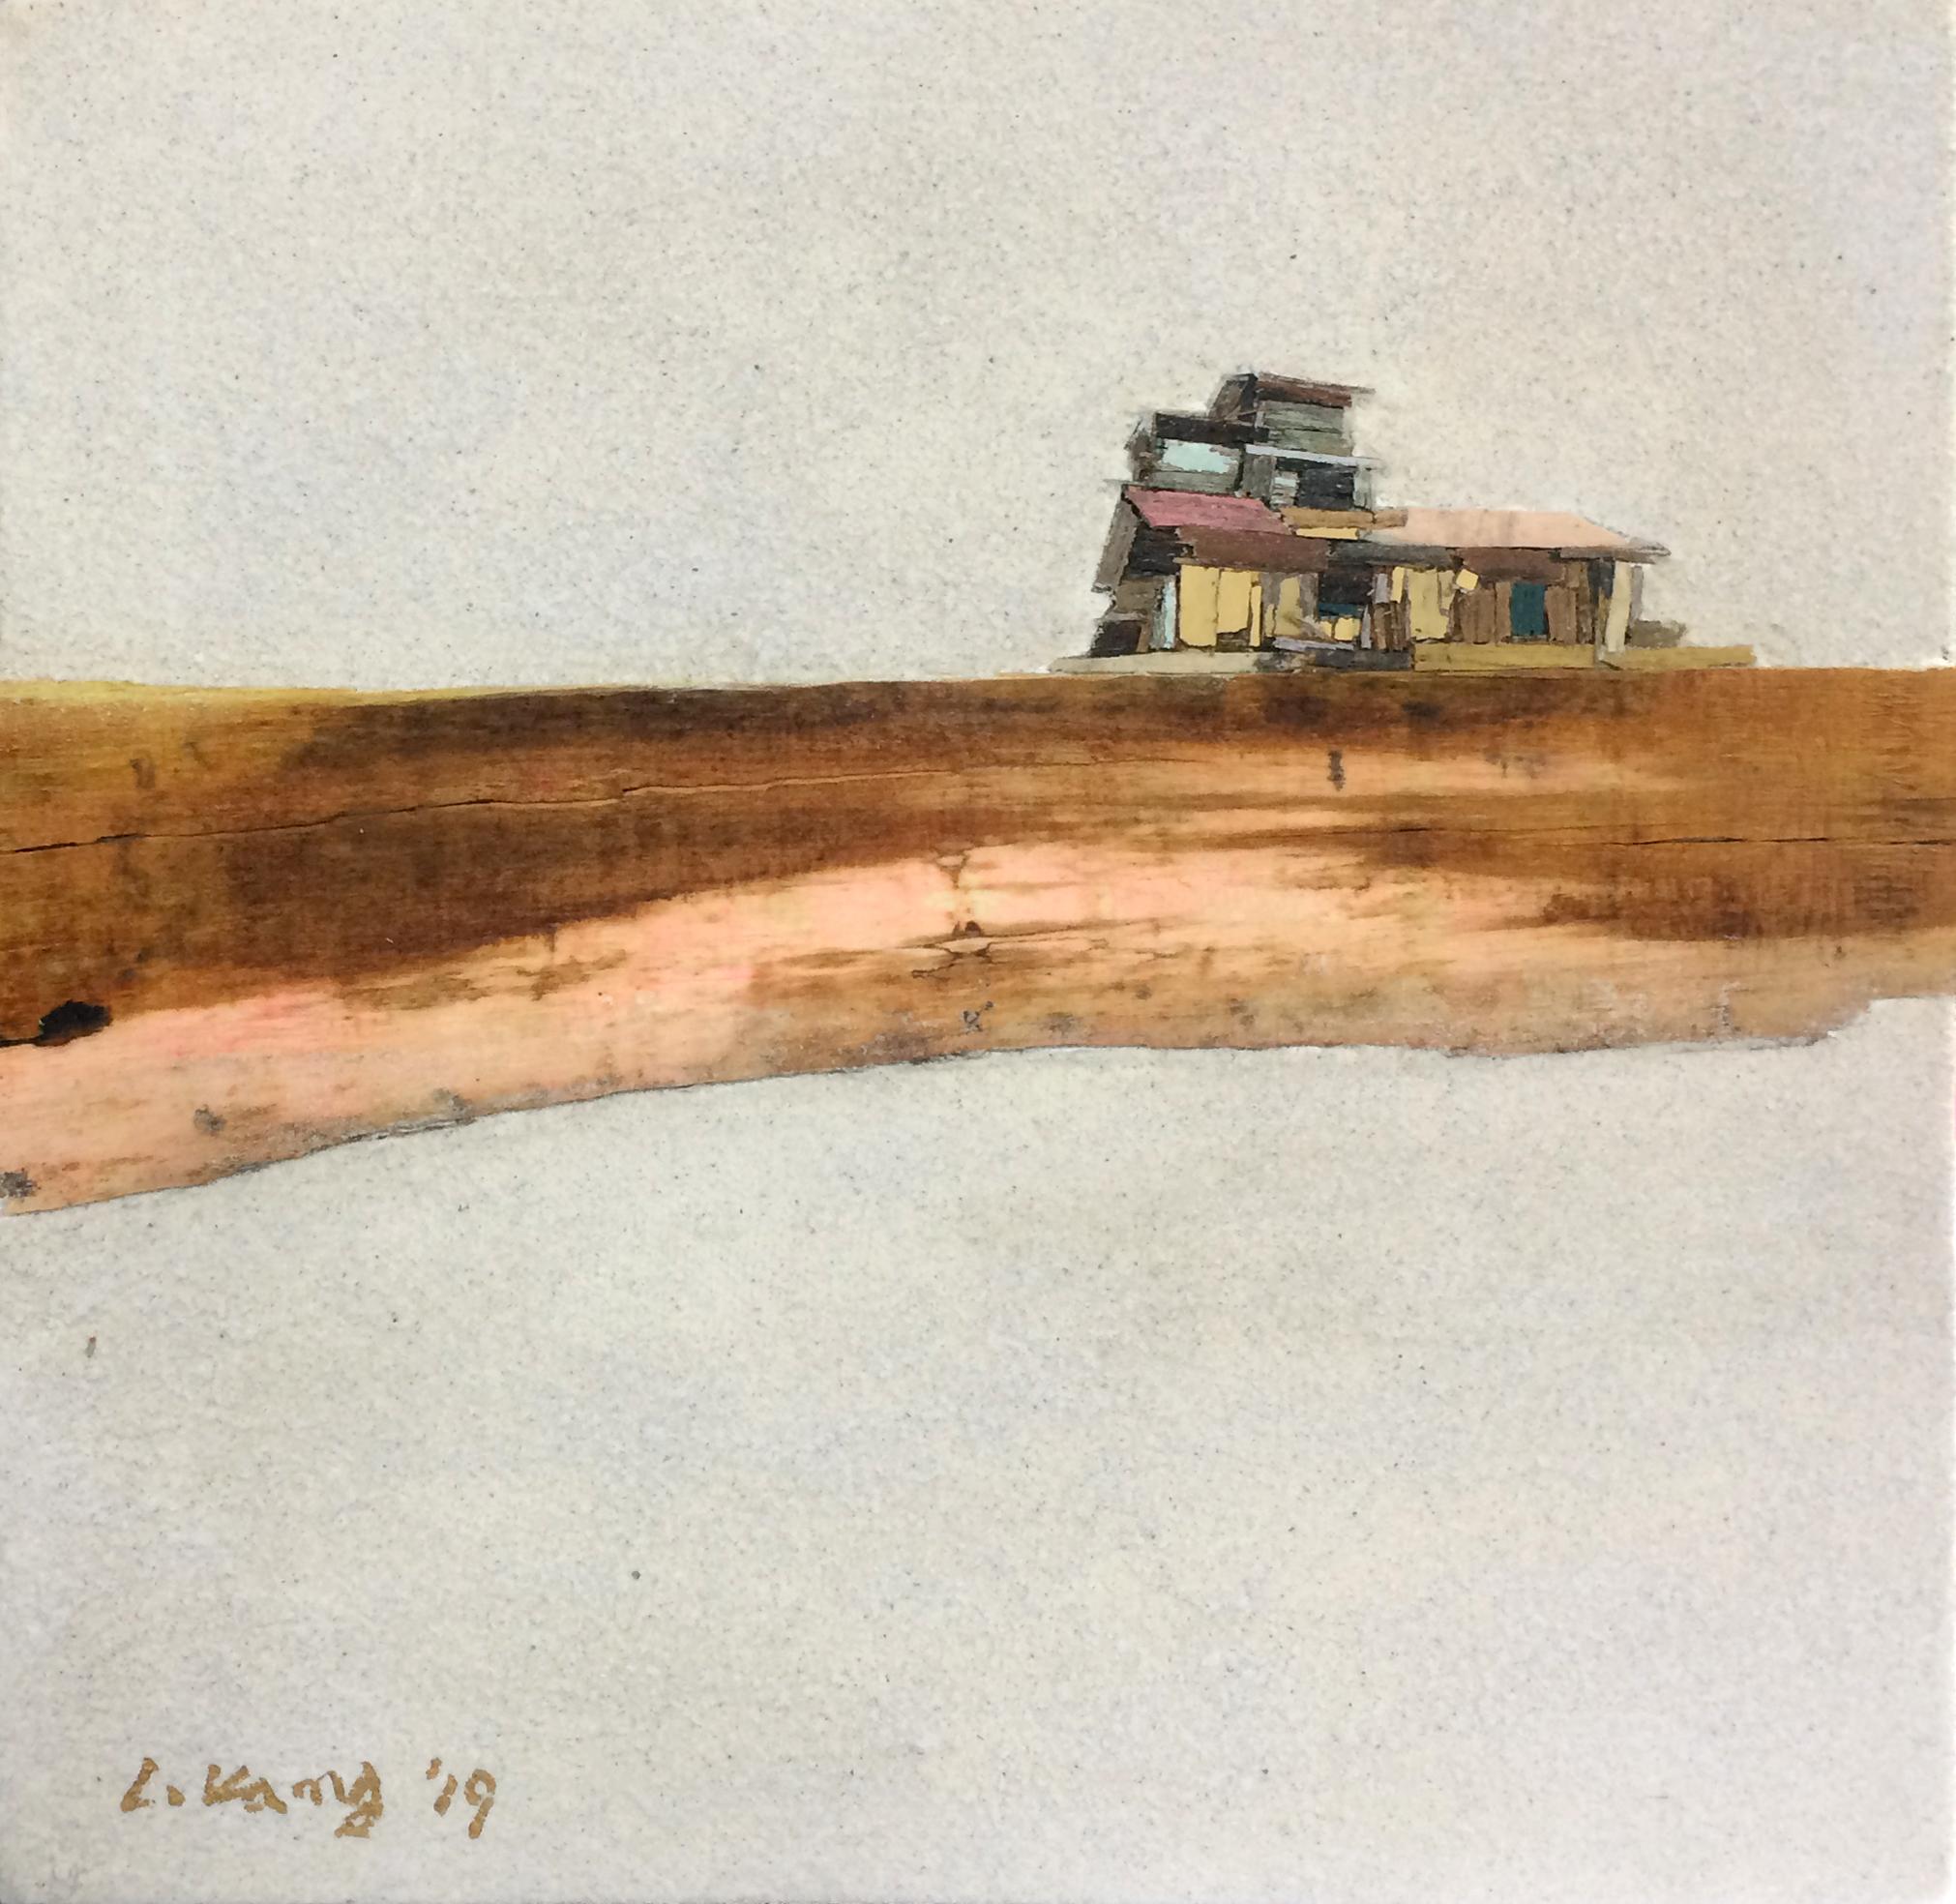 009, 이부강, trace skyline 2, 22 x 22 cm, M